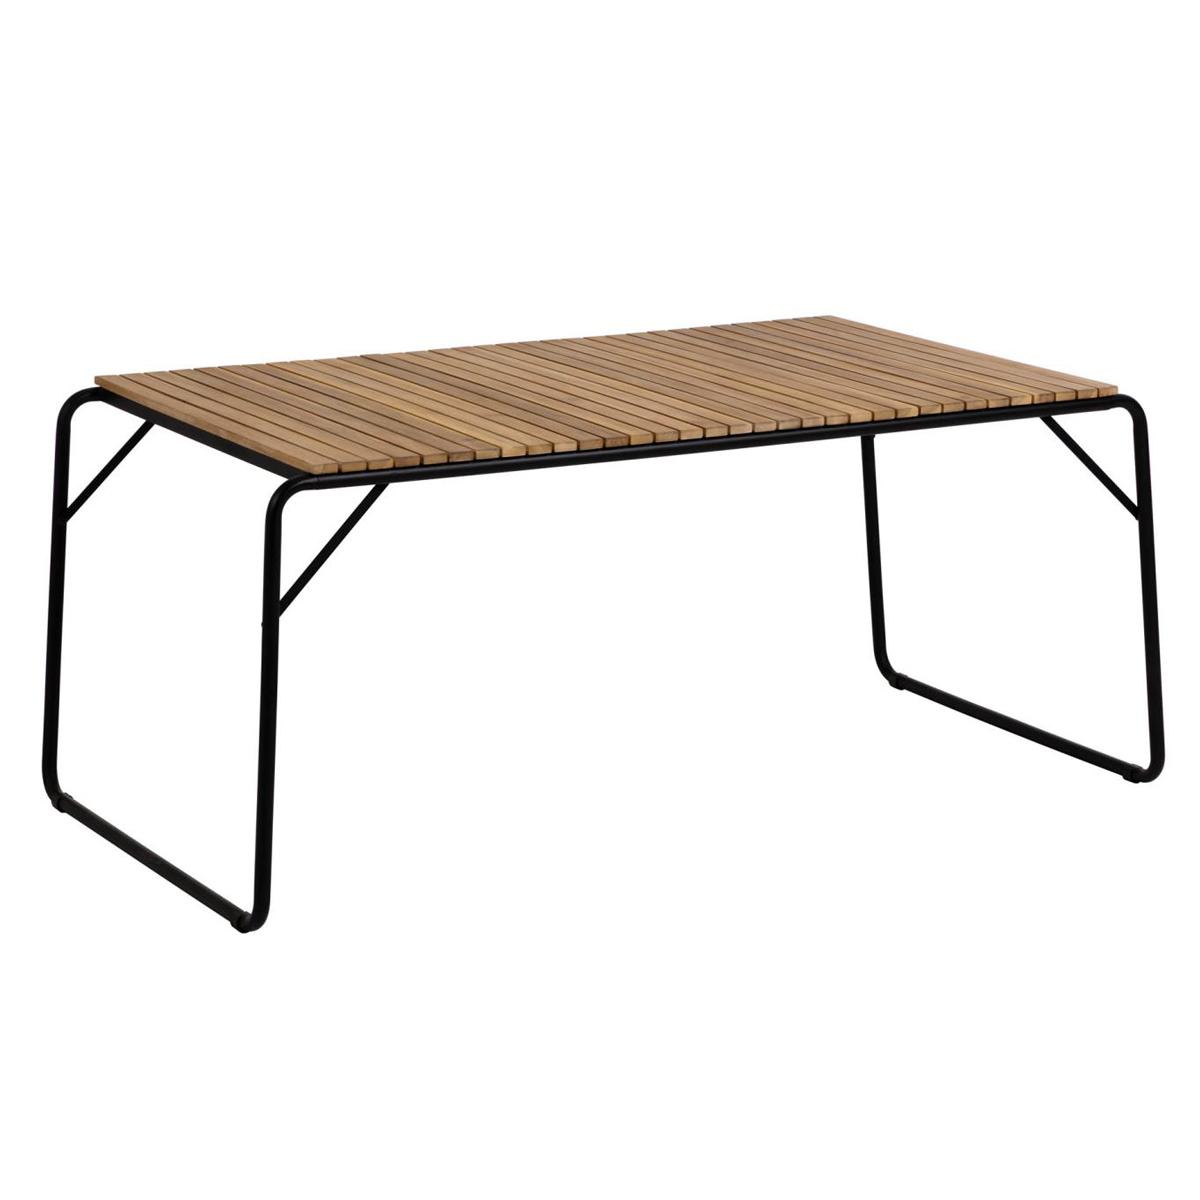 Table design en acacia et acier noir - Bois/Noir - H 73 x165 cm